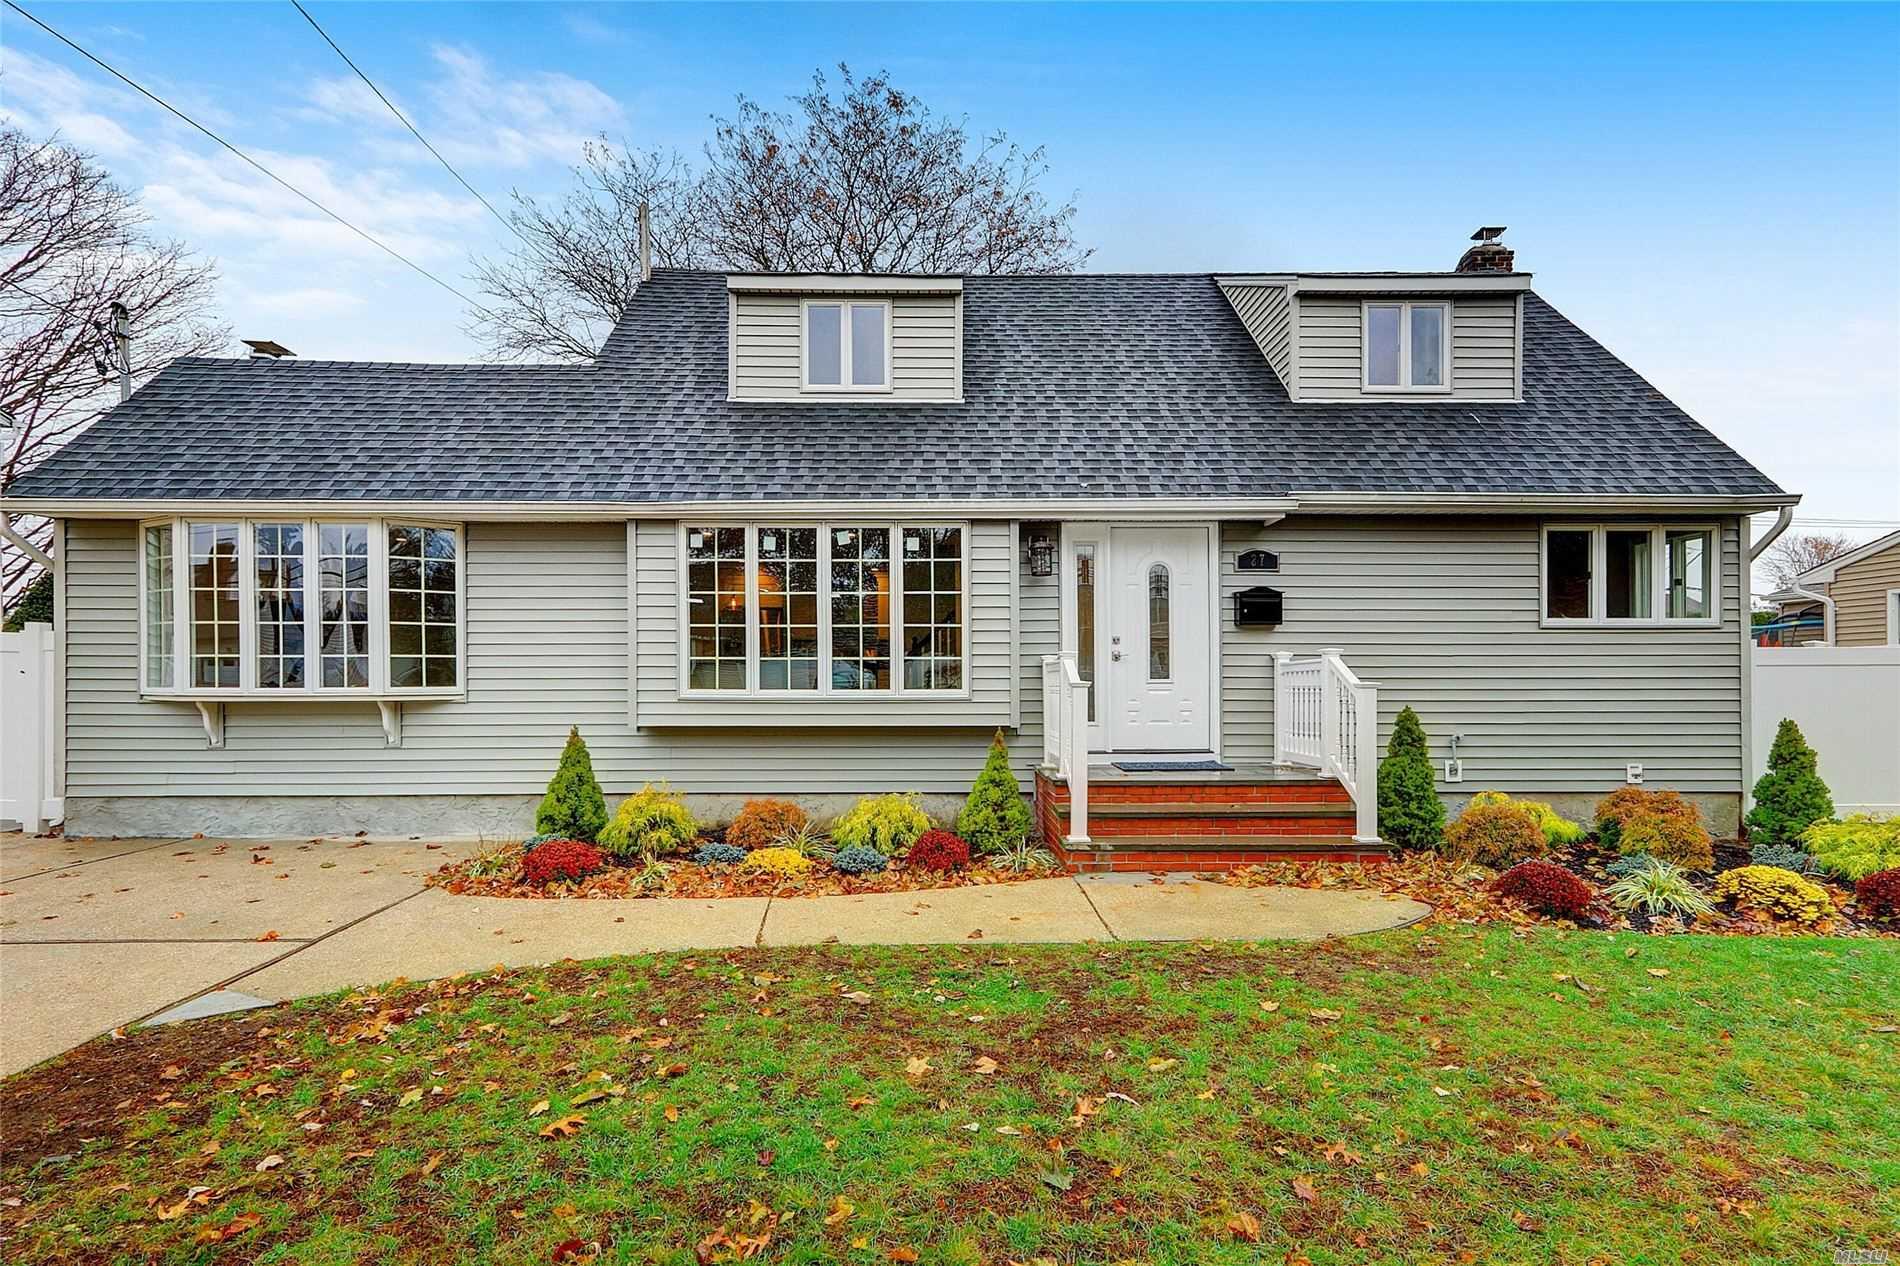 27 Linwood Pl 11762 - One of Massapequa Park Homes for Sale